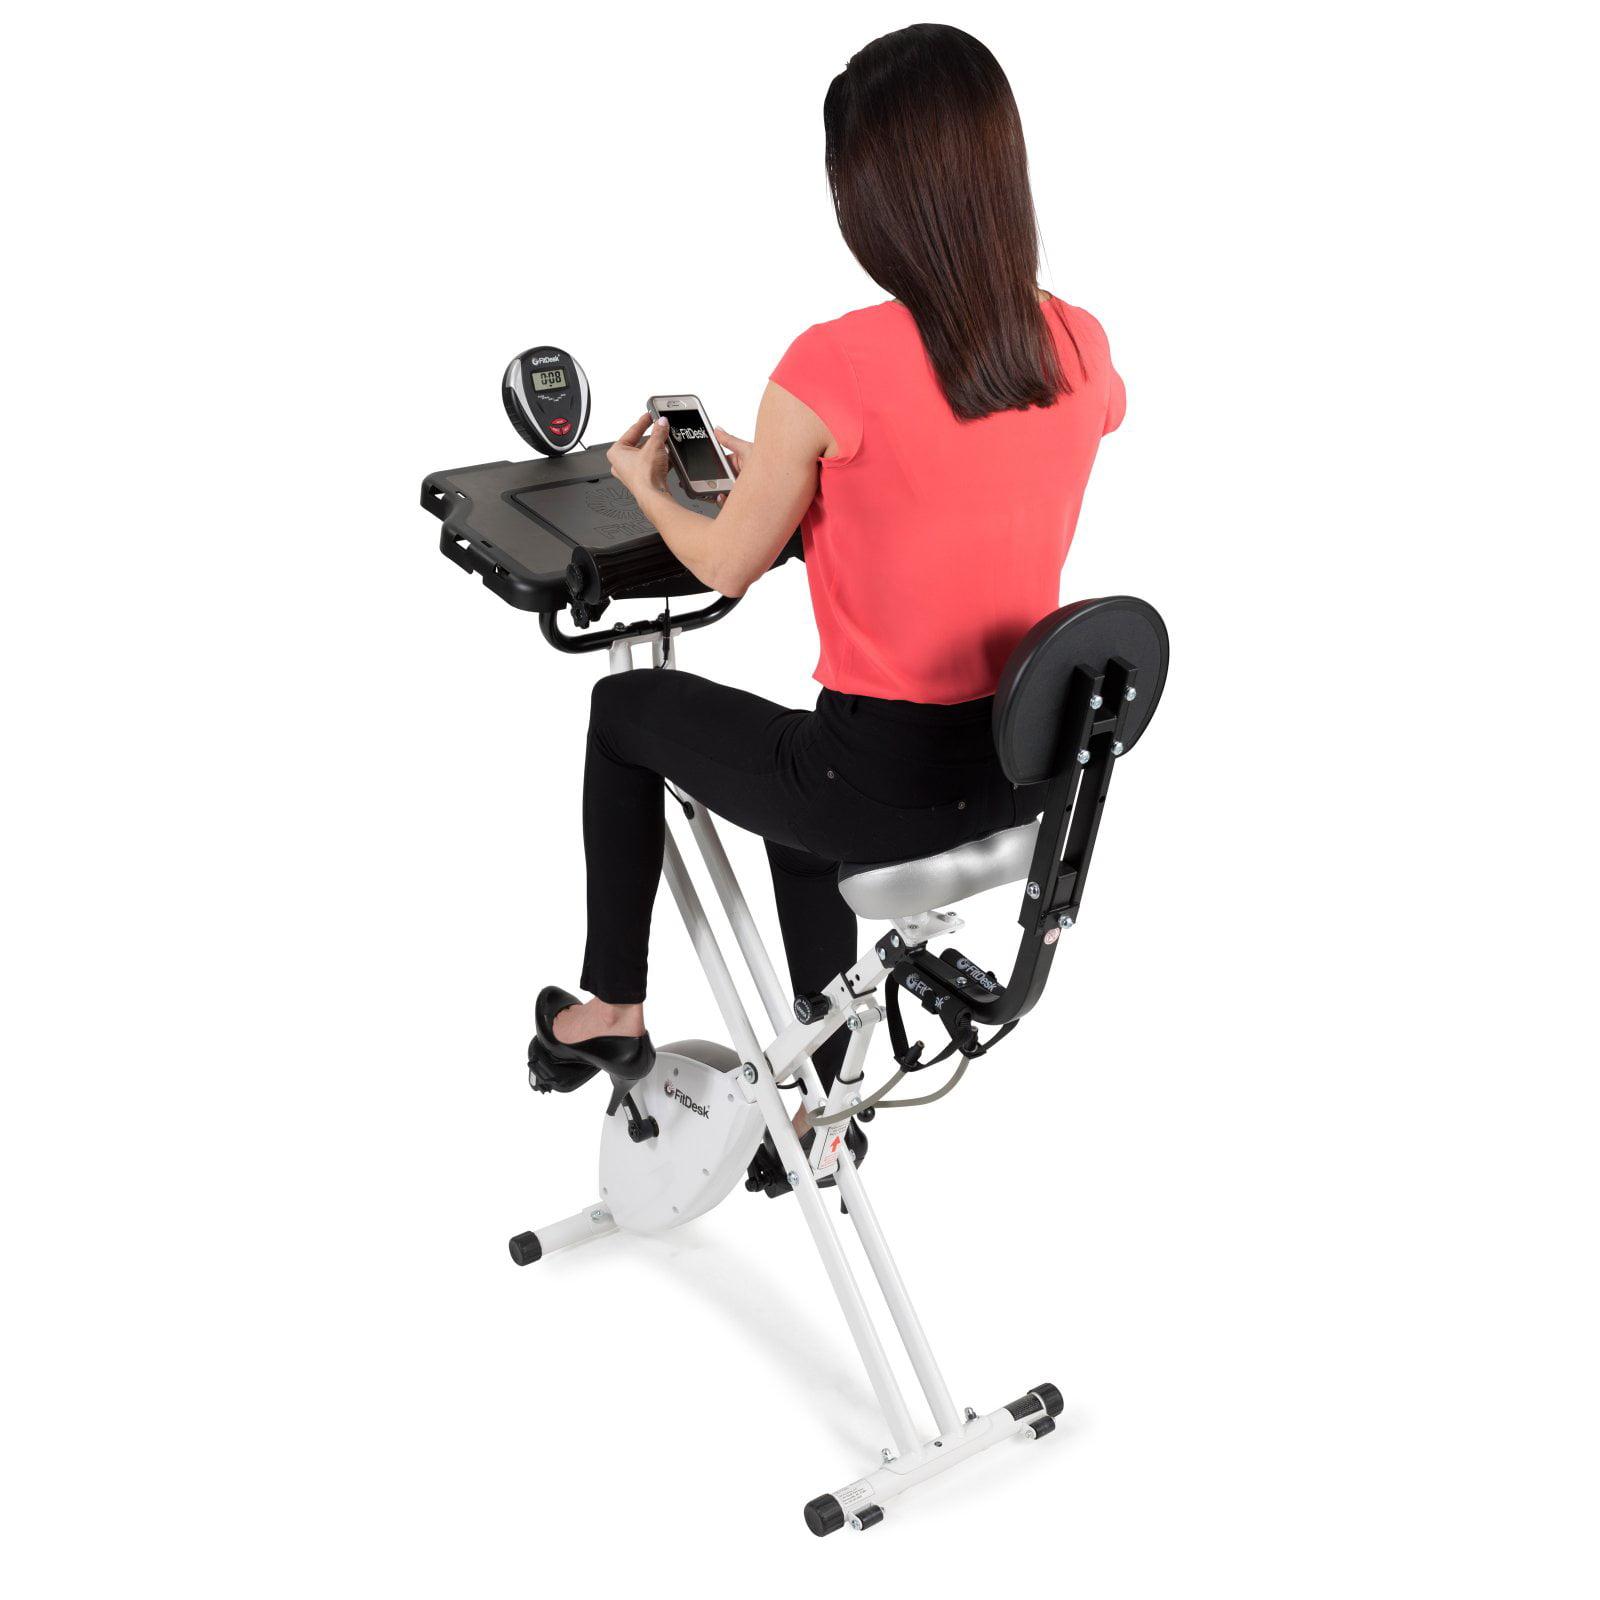 Fitdesk V3 0 Exercise Bike Desk Gym Fitness With Tablet Holder Home